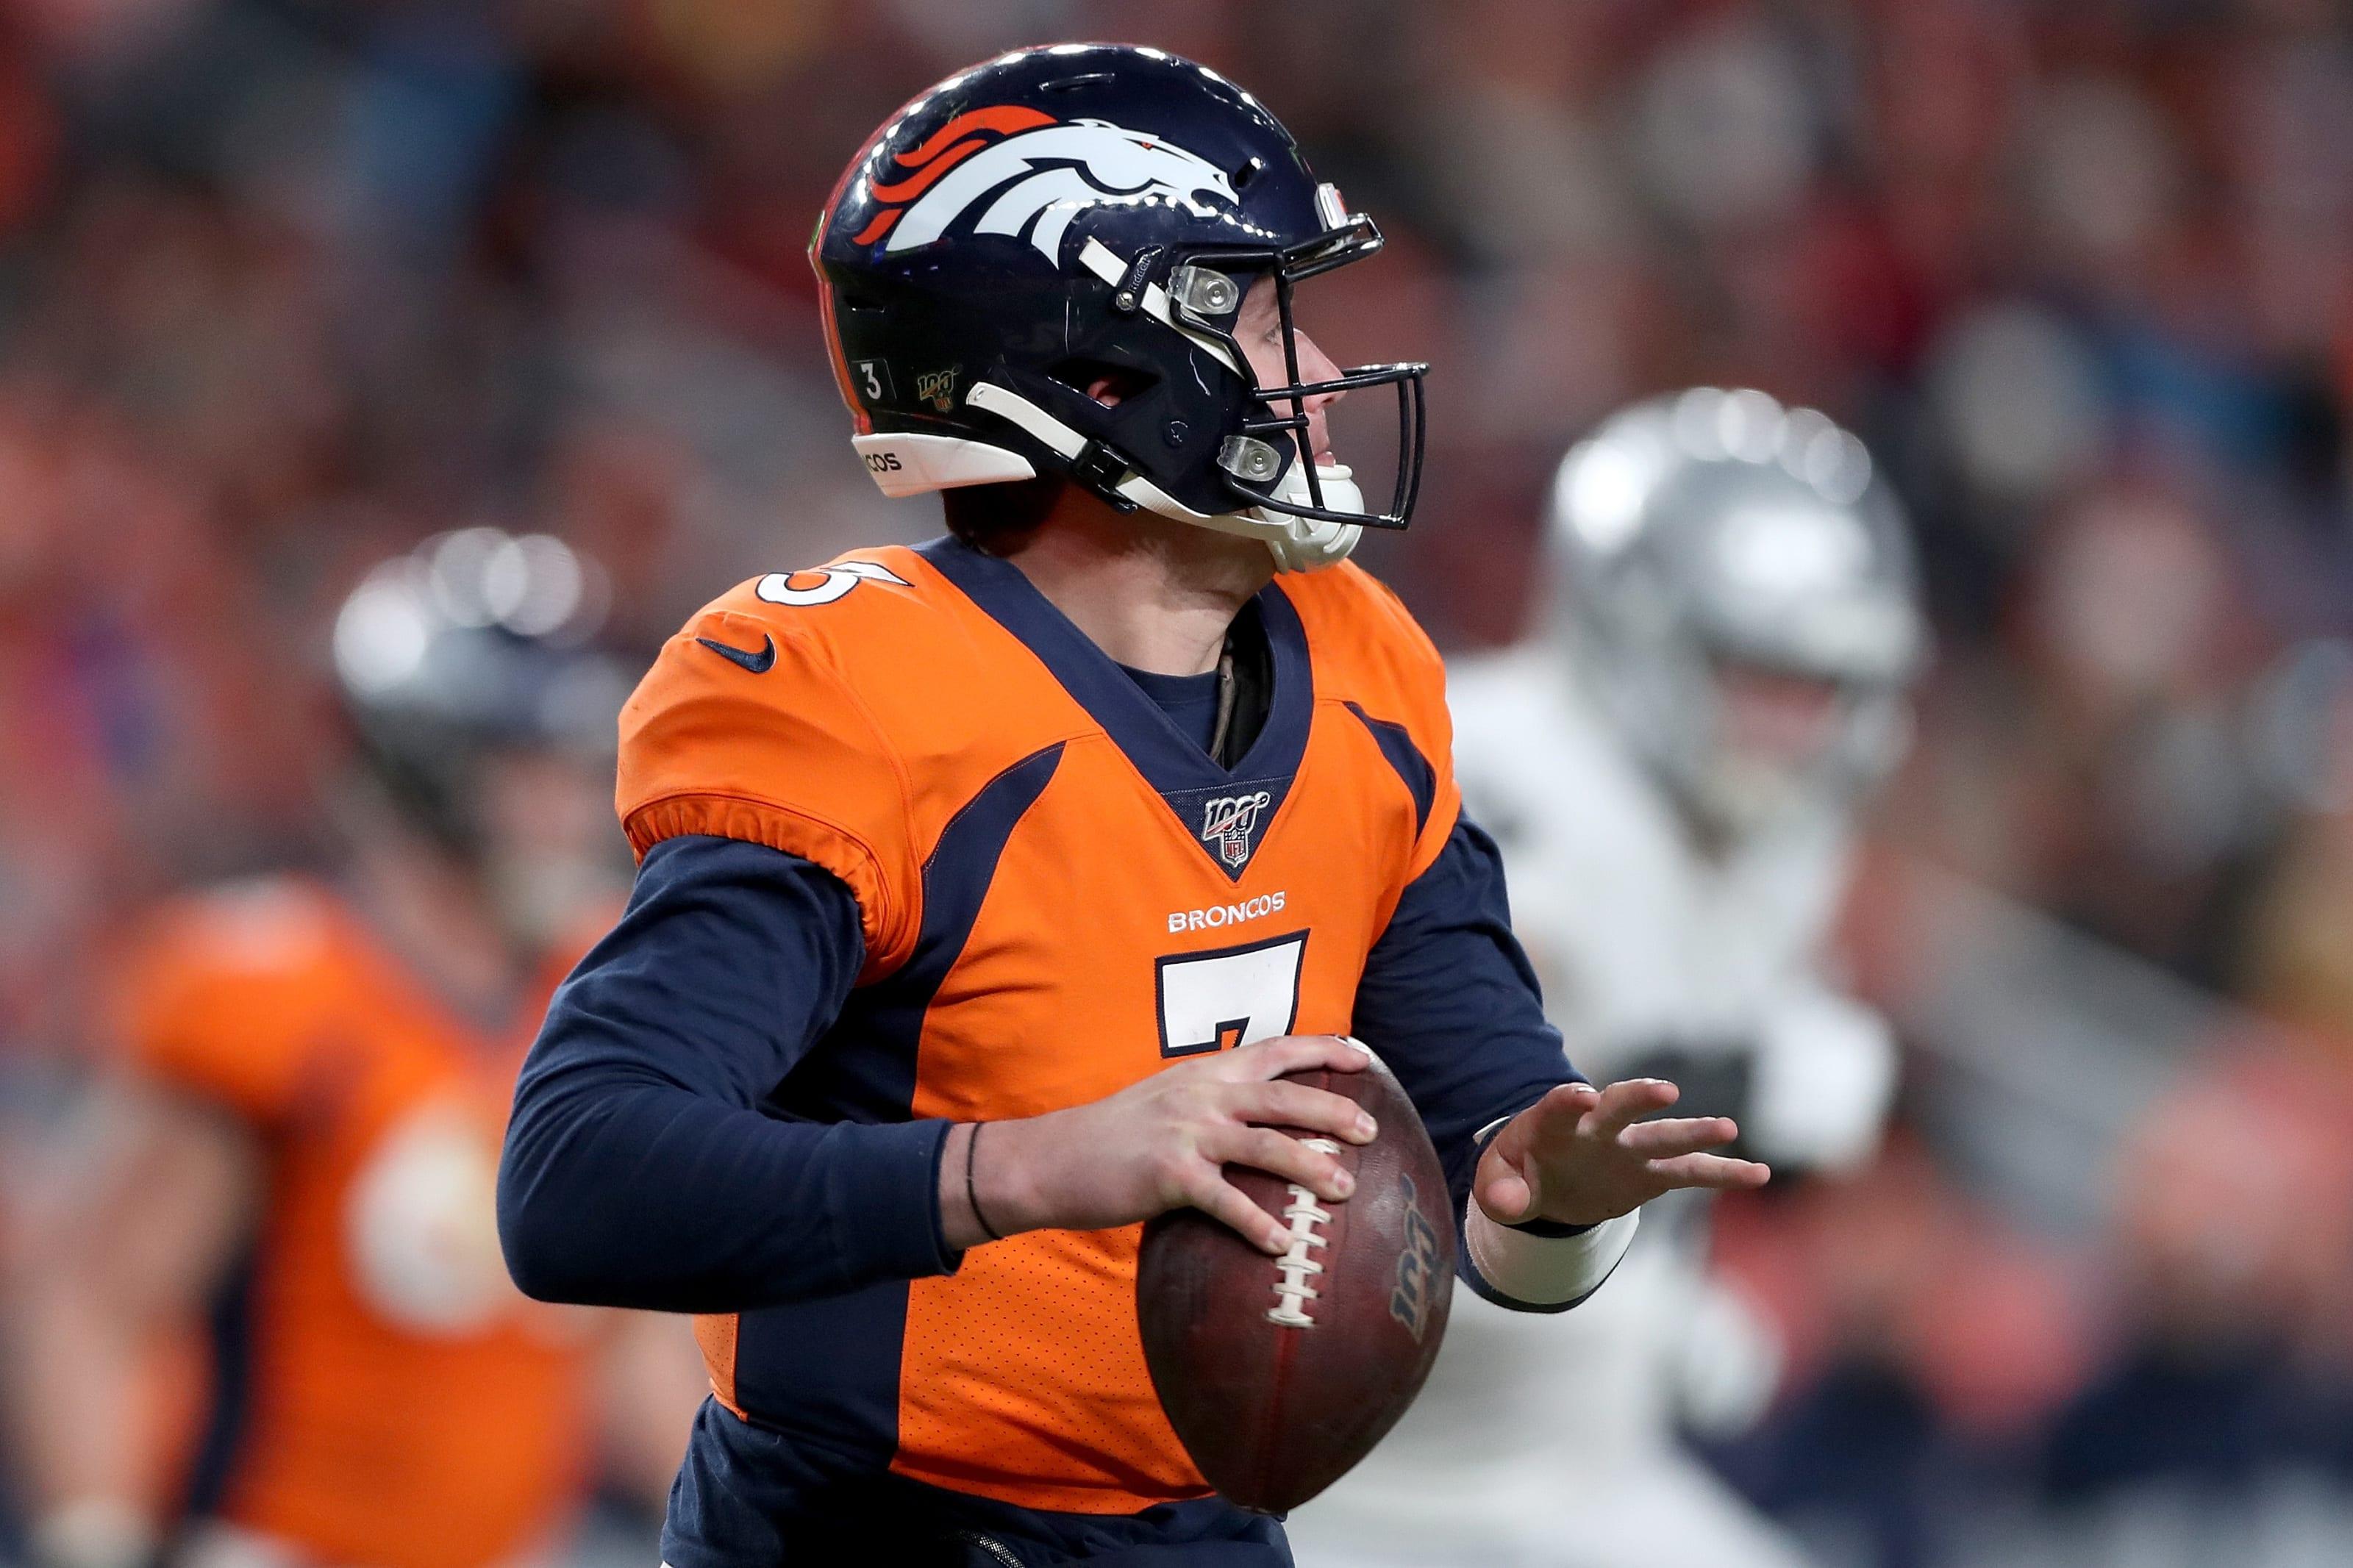 Broncos Drew Lock